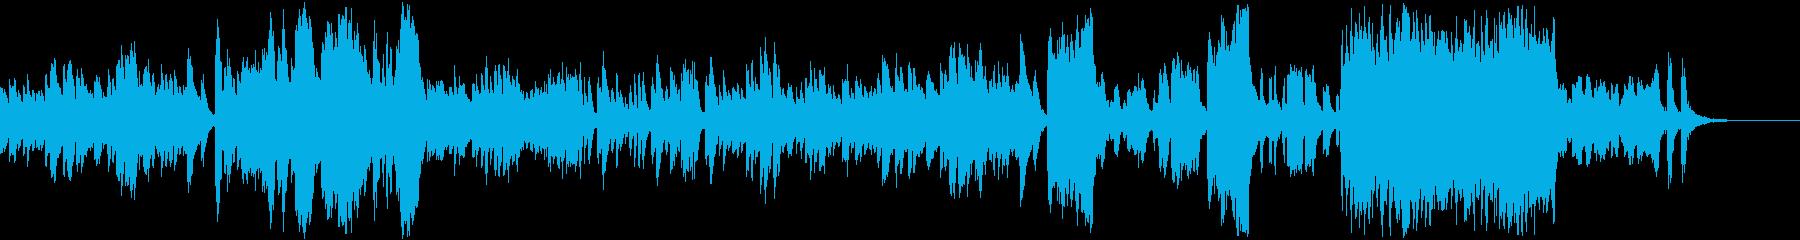 ピアノ協奏曲第27番第3楽章モーツァルトの再生済みの波形